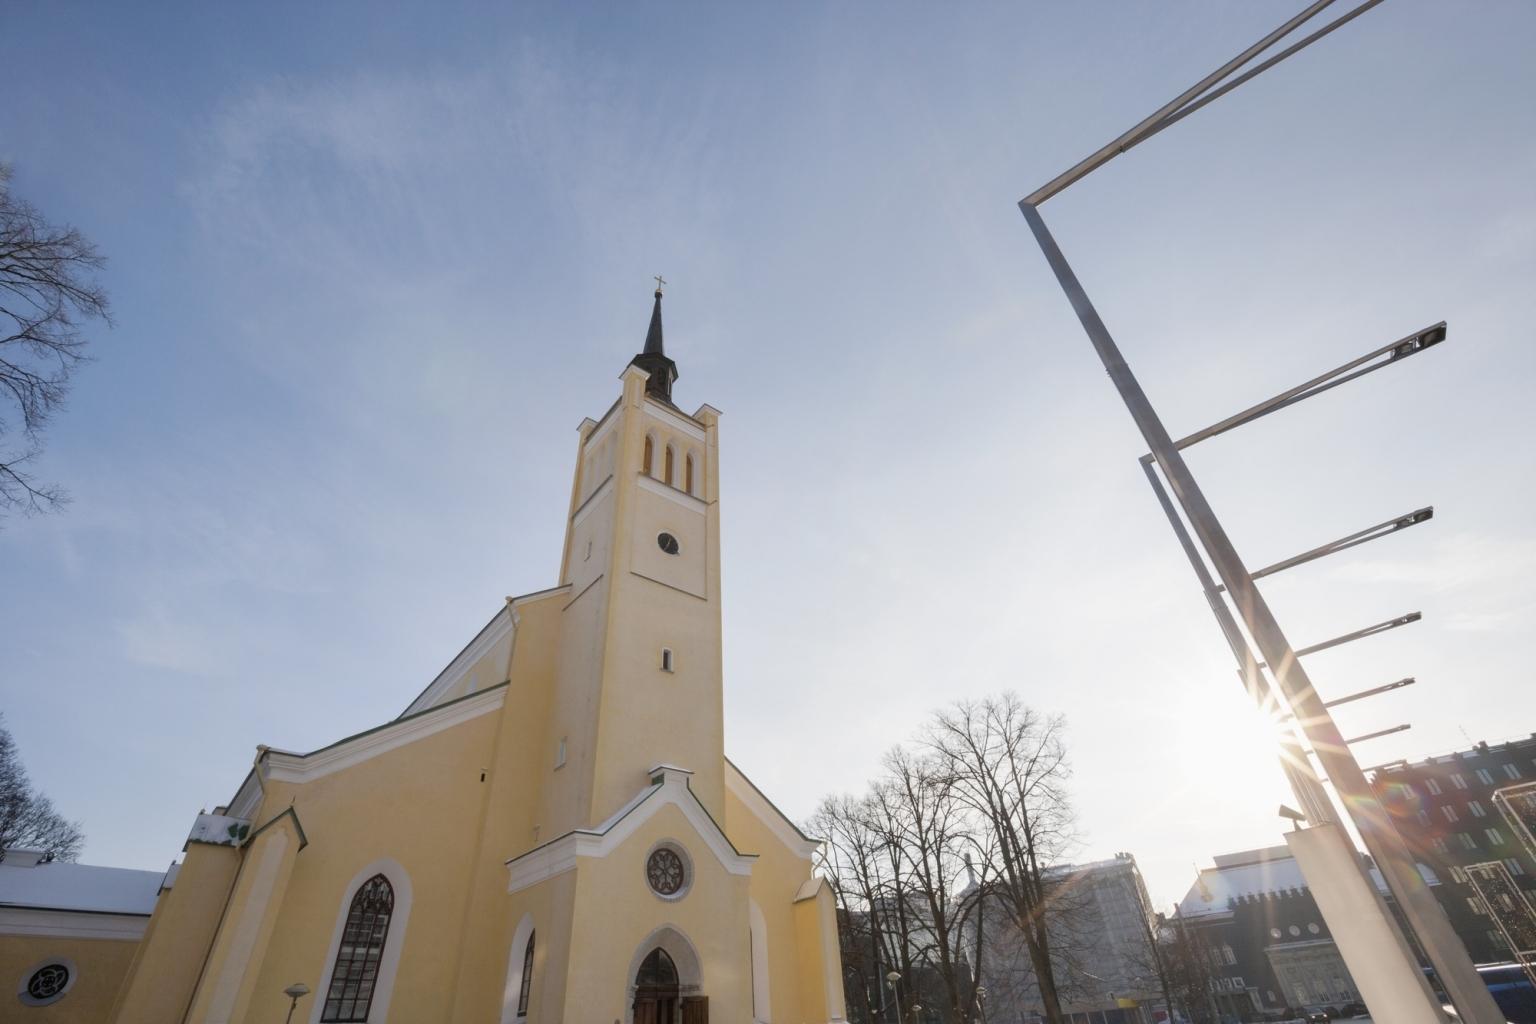 Kirchweihen in Nürnberg zu Pfingsten